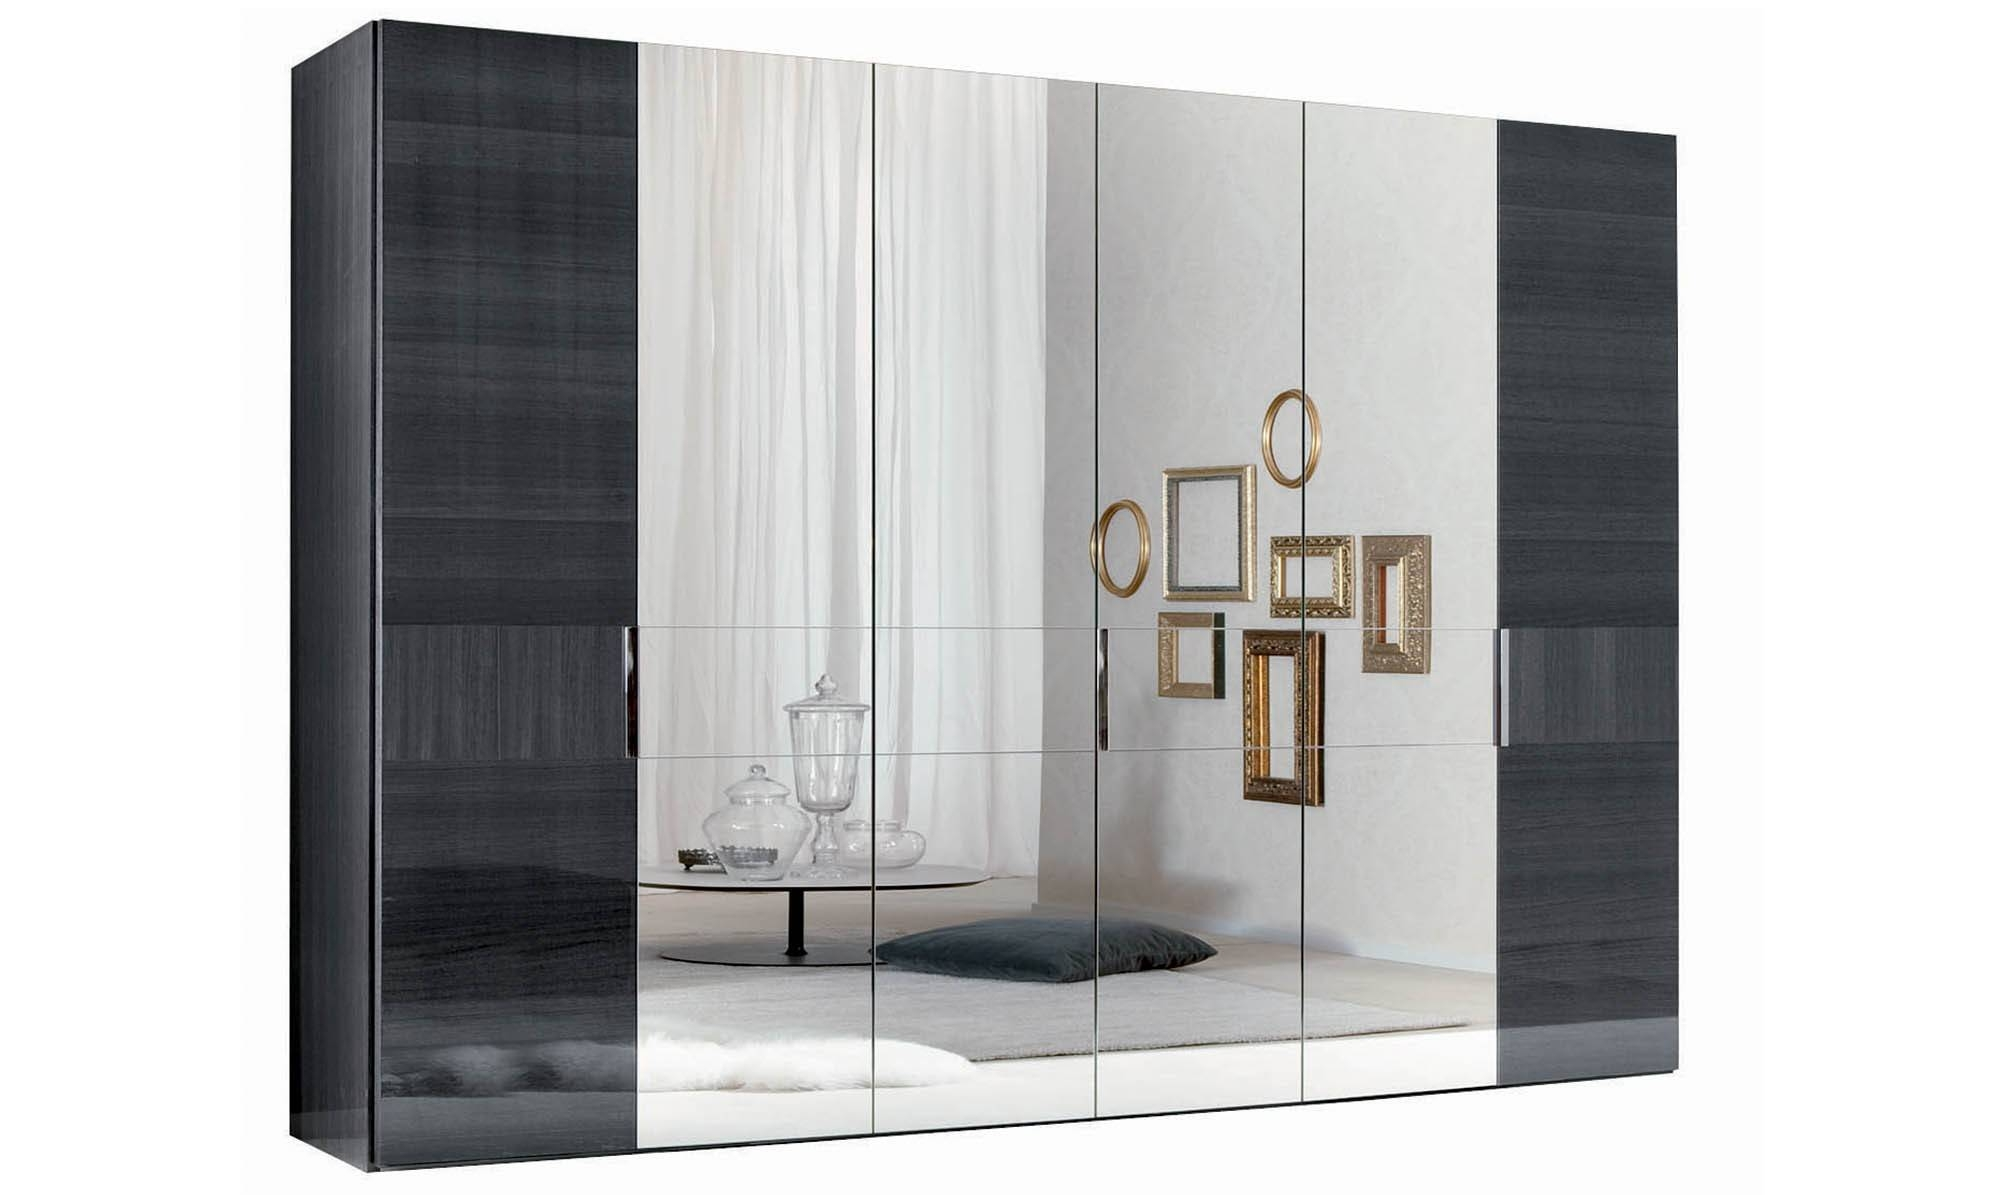 Antibes – 6 Door Hinged Wardrobe 4 Mirror Doors Finish – All Pertaining To 6 Door Wardrobes Bedroom Furniture (View 6 of 15)